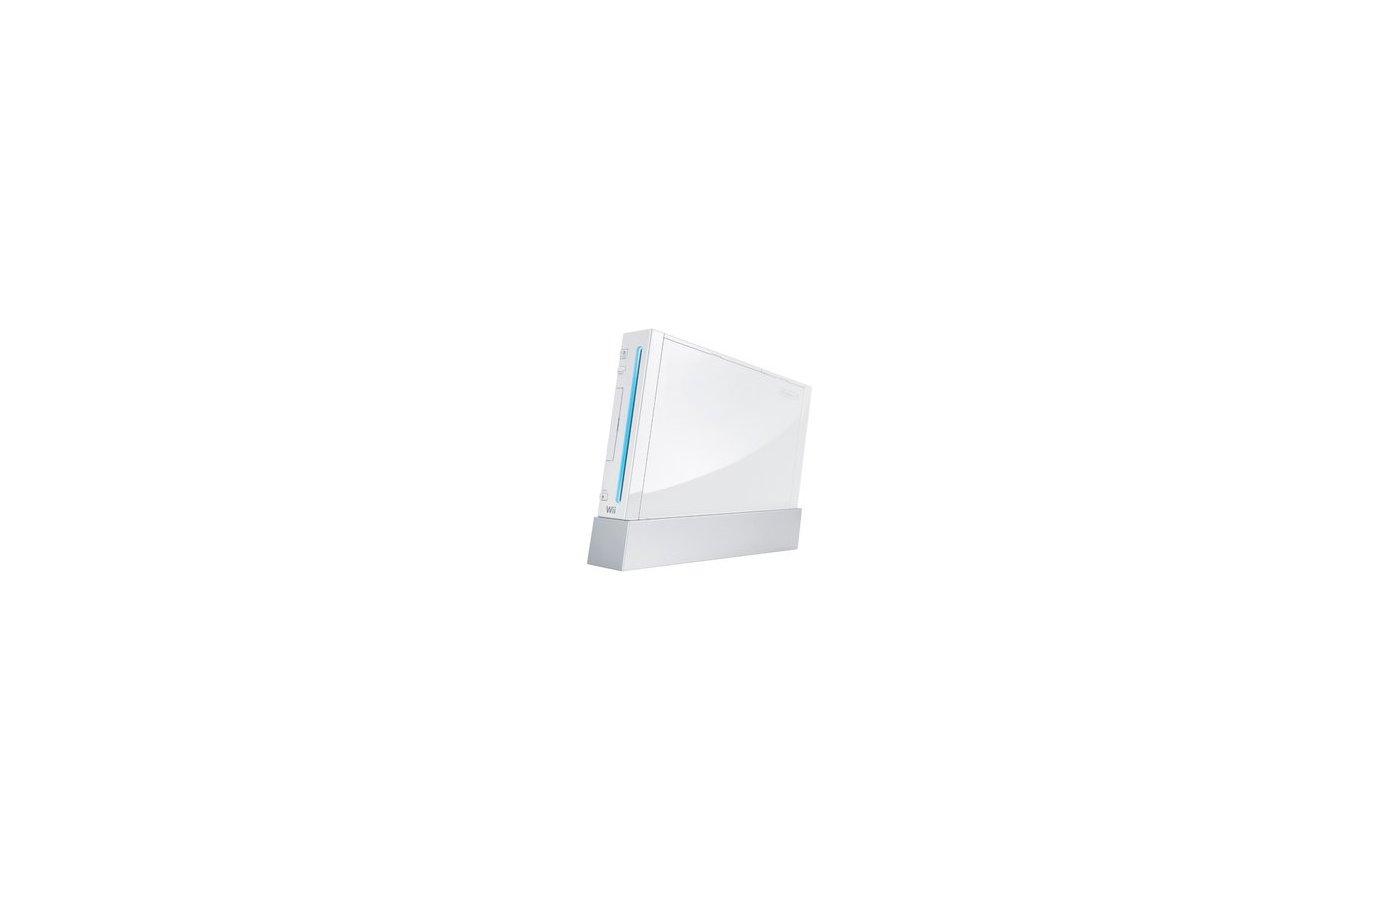 Игровая приставка NINTENDO Wii (105975) белый 2 игры: Wii Party и Wii Sport